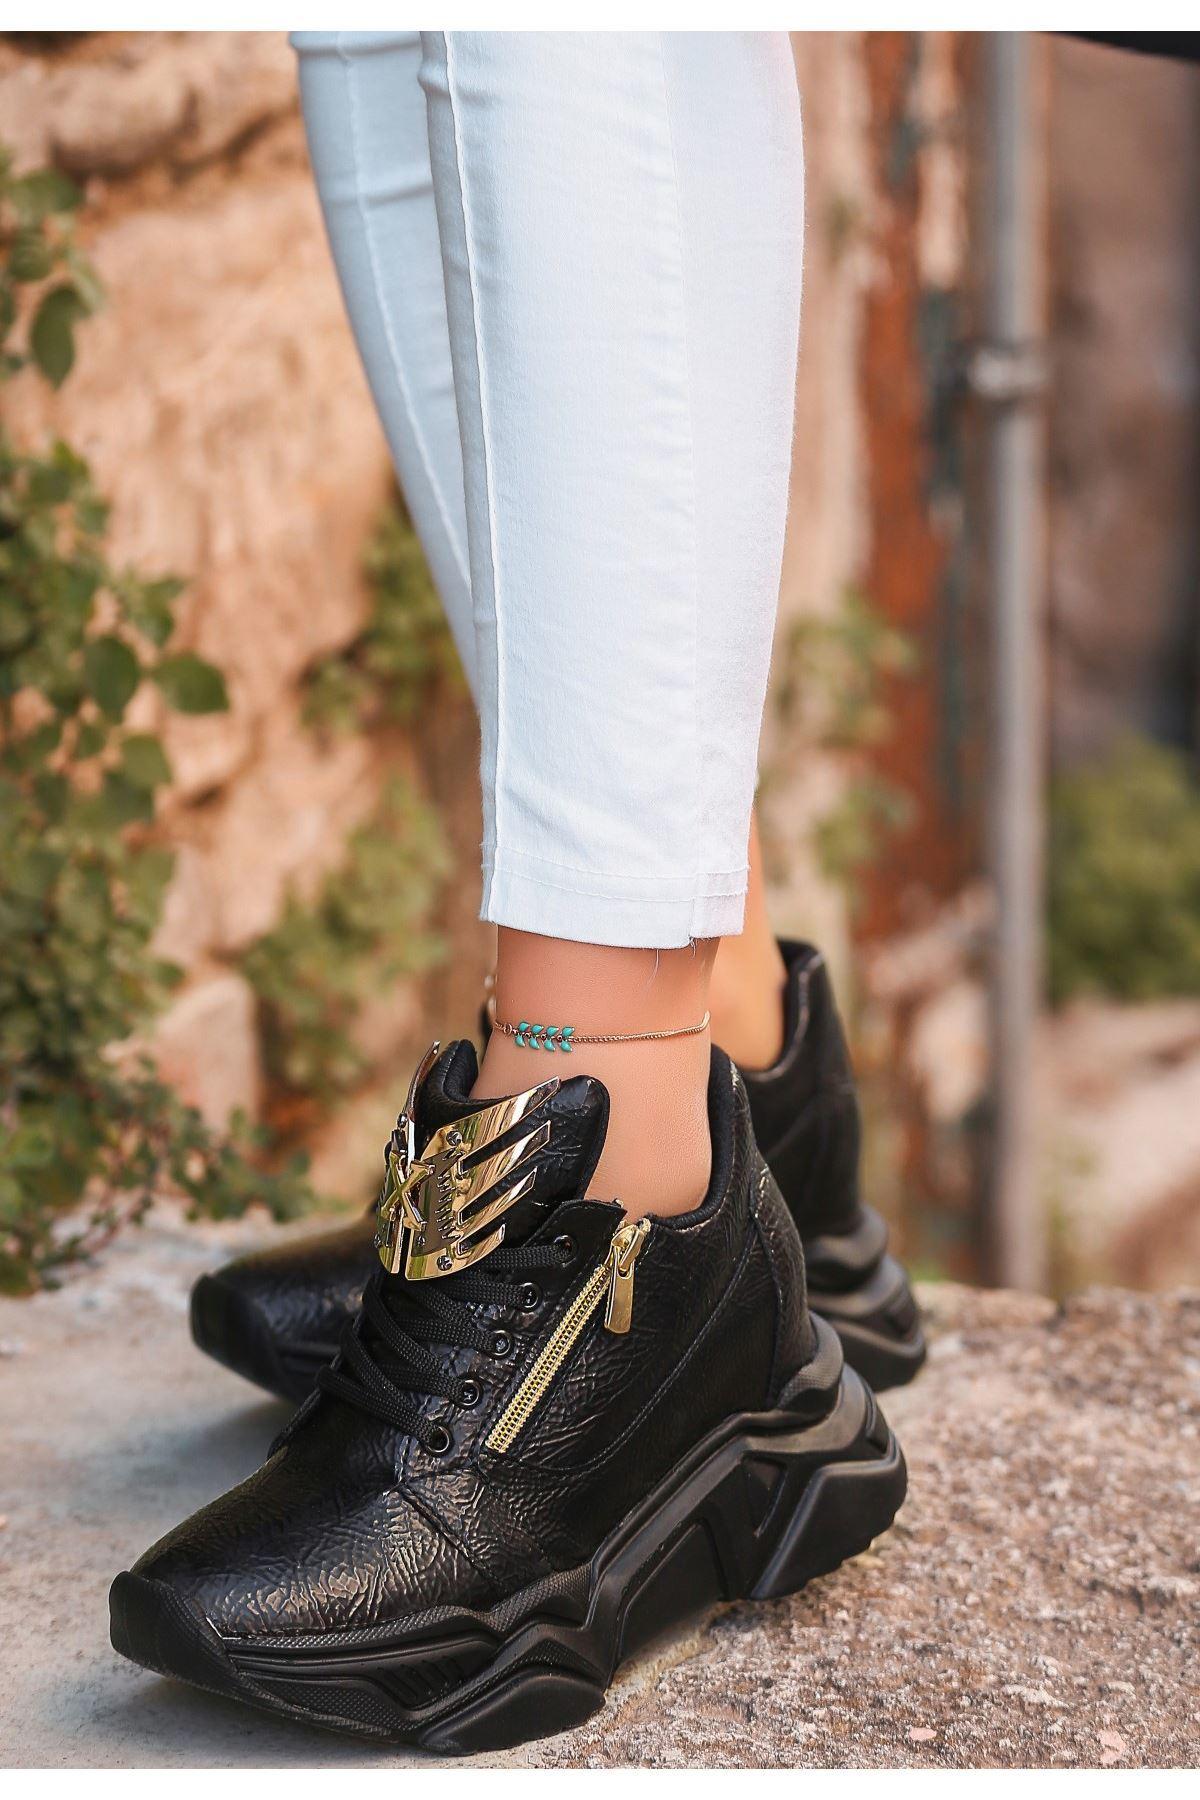 Xila Siyah Cilt Bağcıklı Spor Ayakkabı